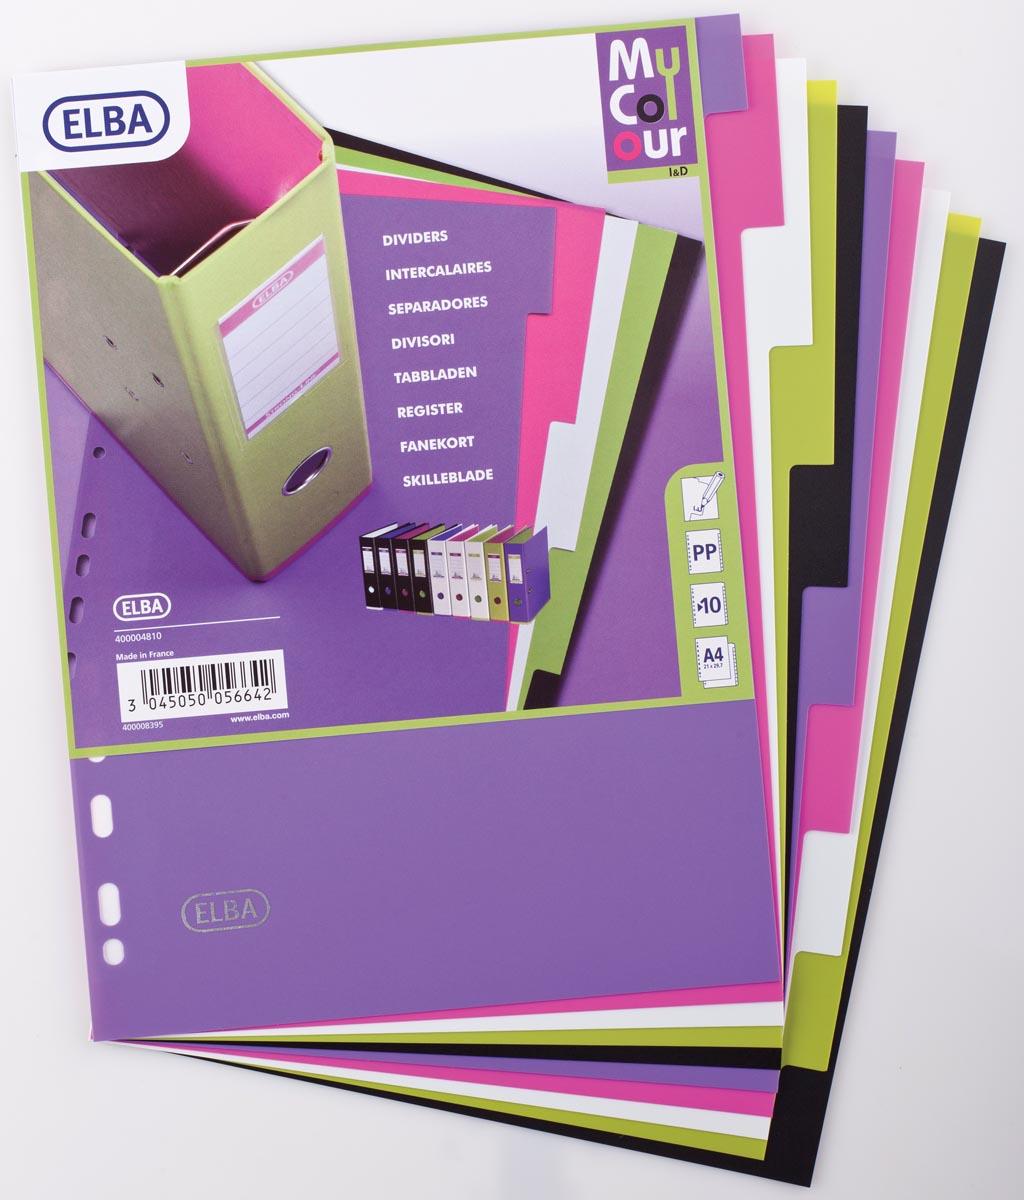 Elba Tabbladen MyColour 10 tabs, geassorteerde kleuren